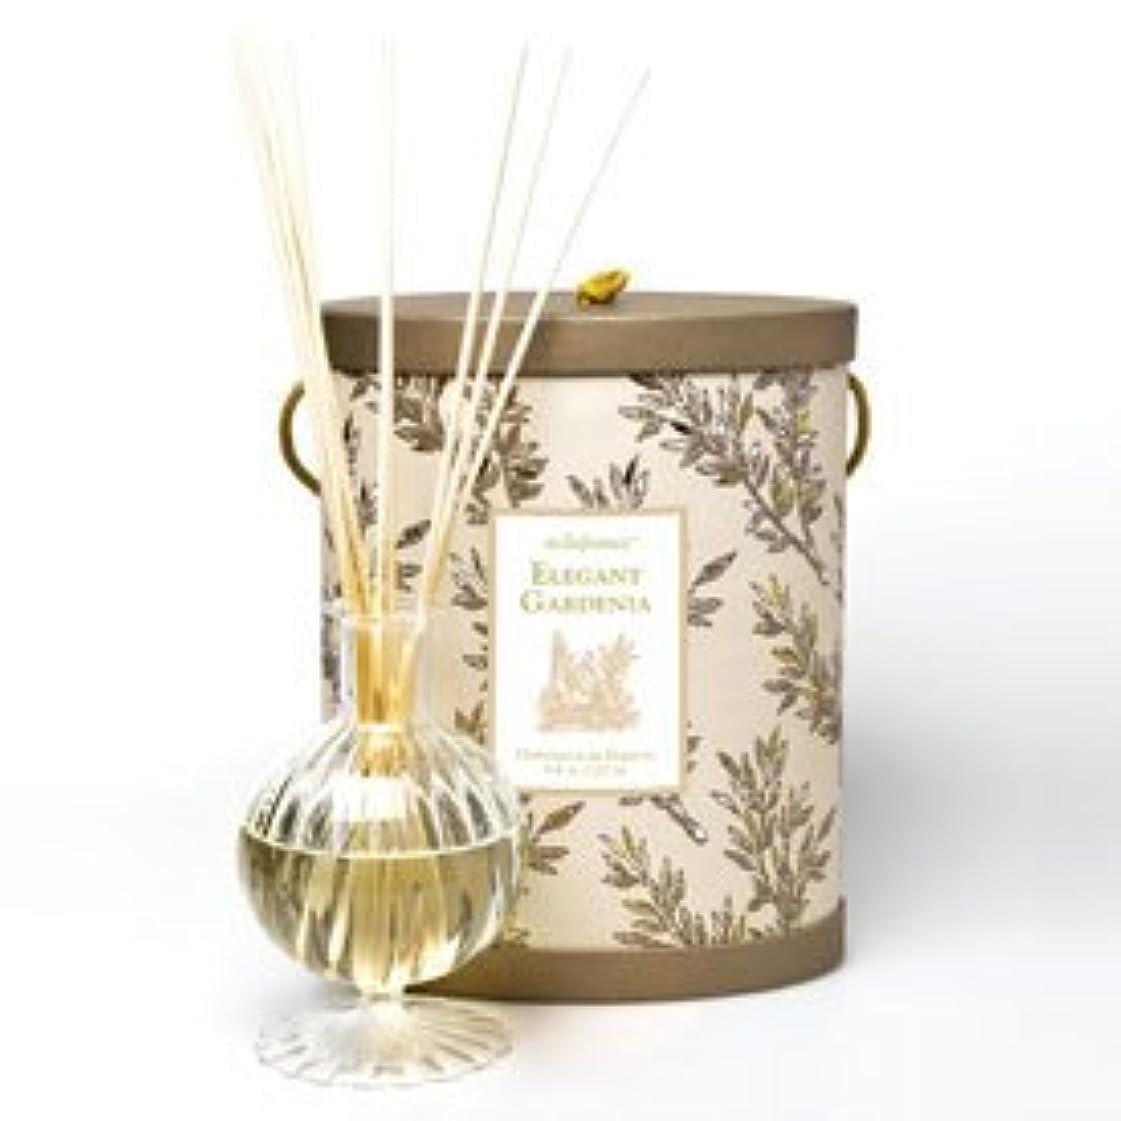 ディンカルビルアグネスグレイ確認してくださいSeda France Elegant Gardenia Diffuser Set (NEW PACKAGING) by Seda France